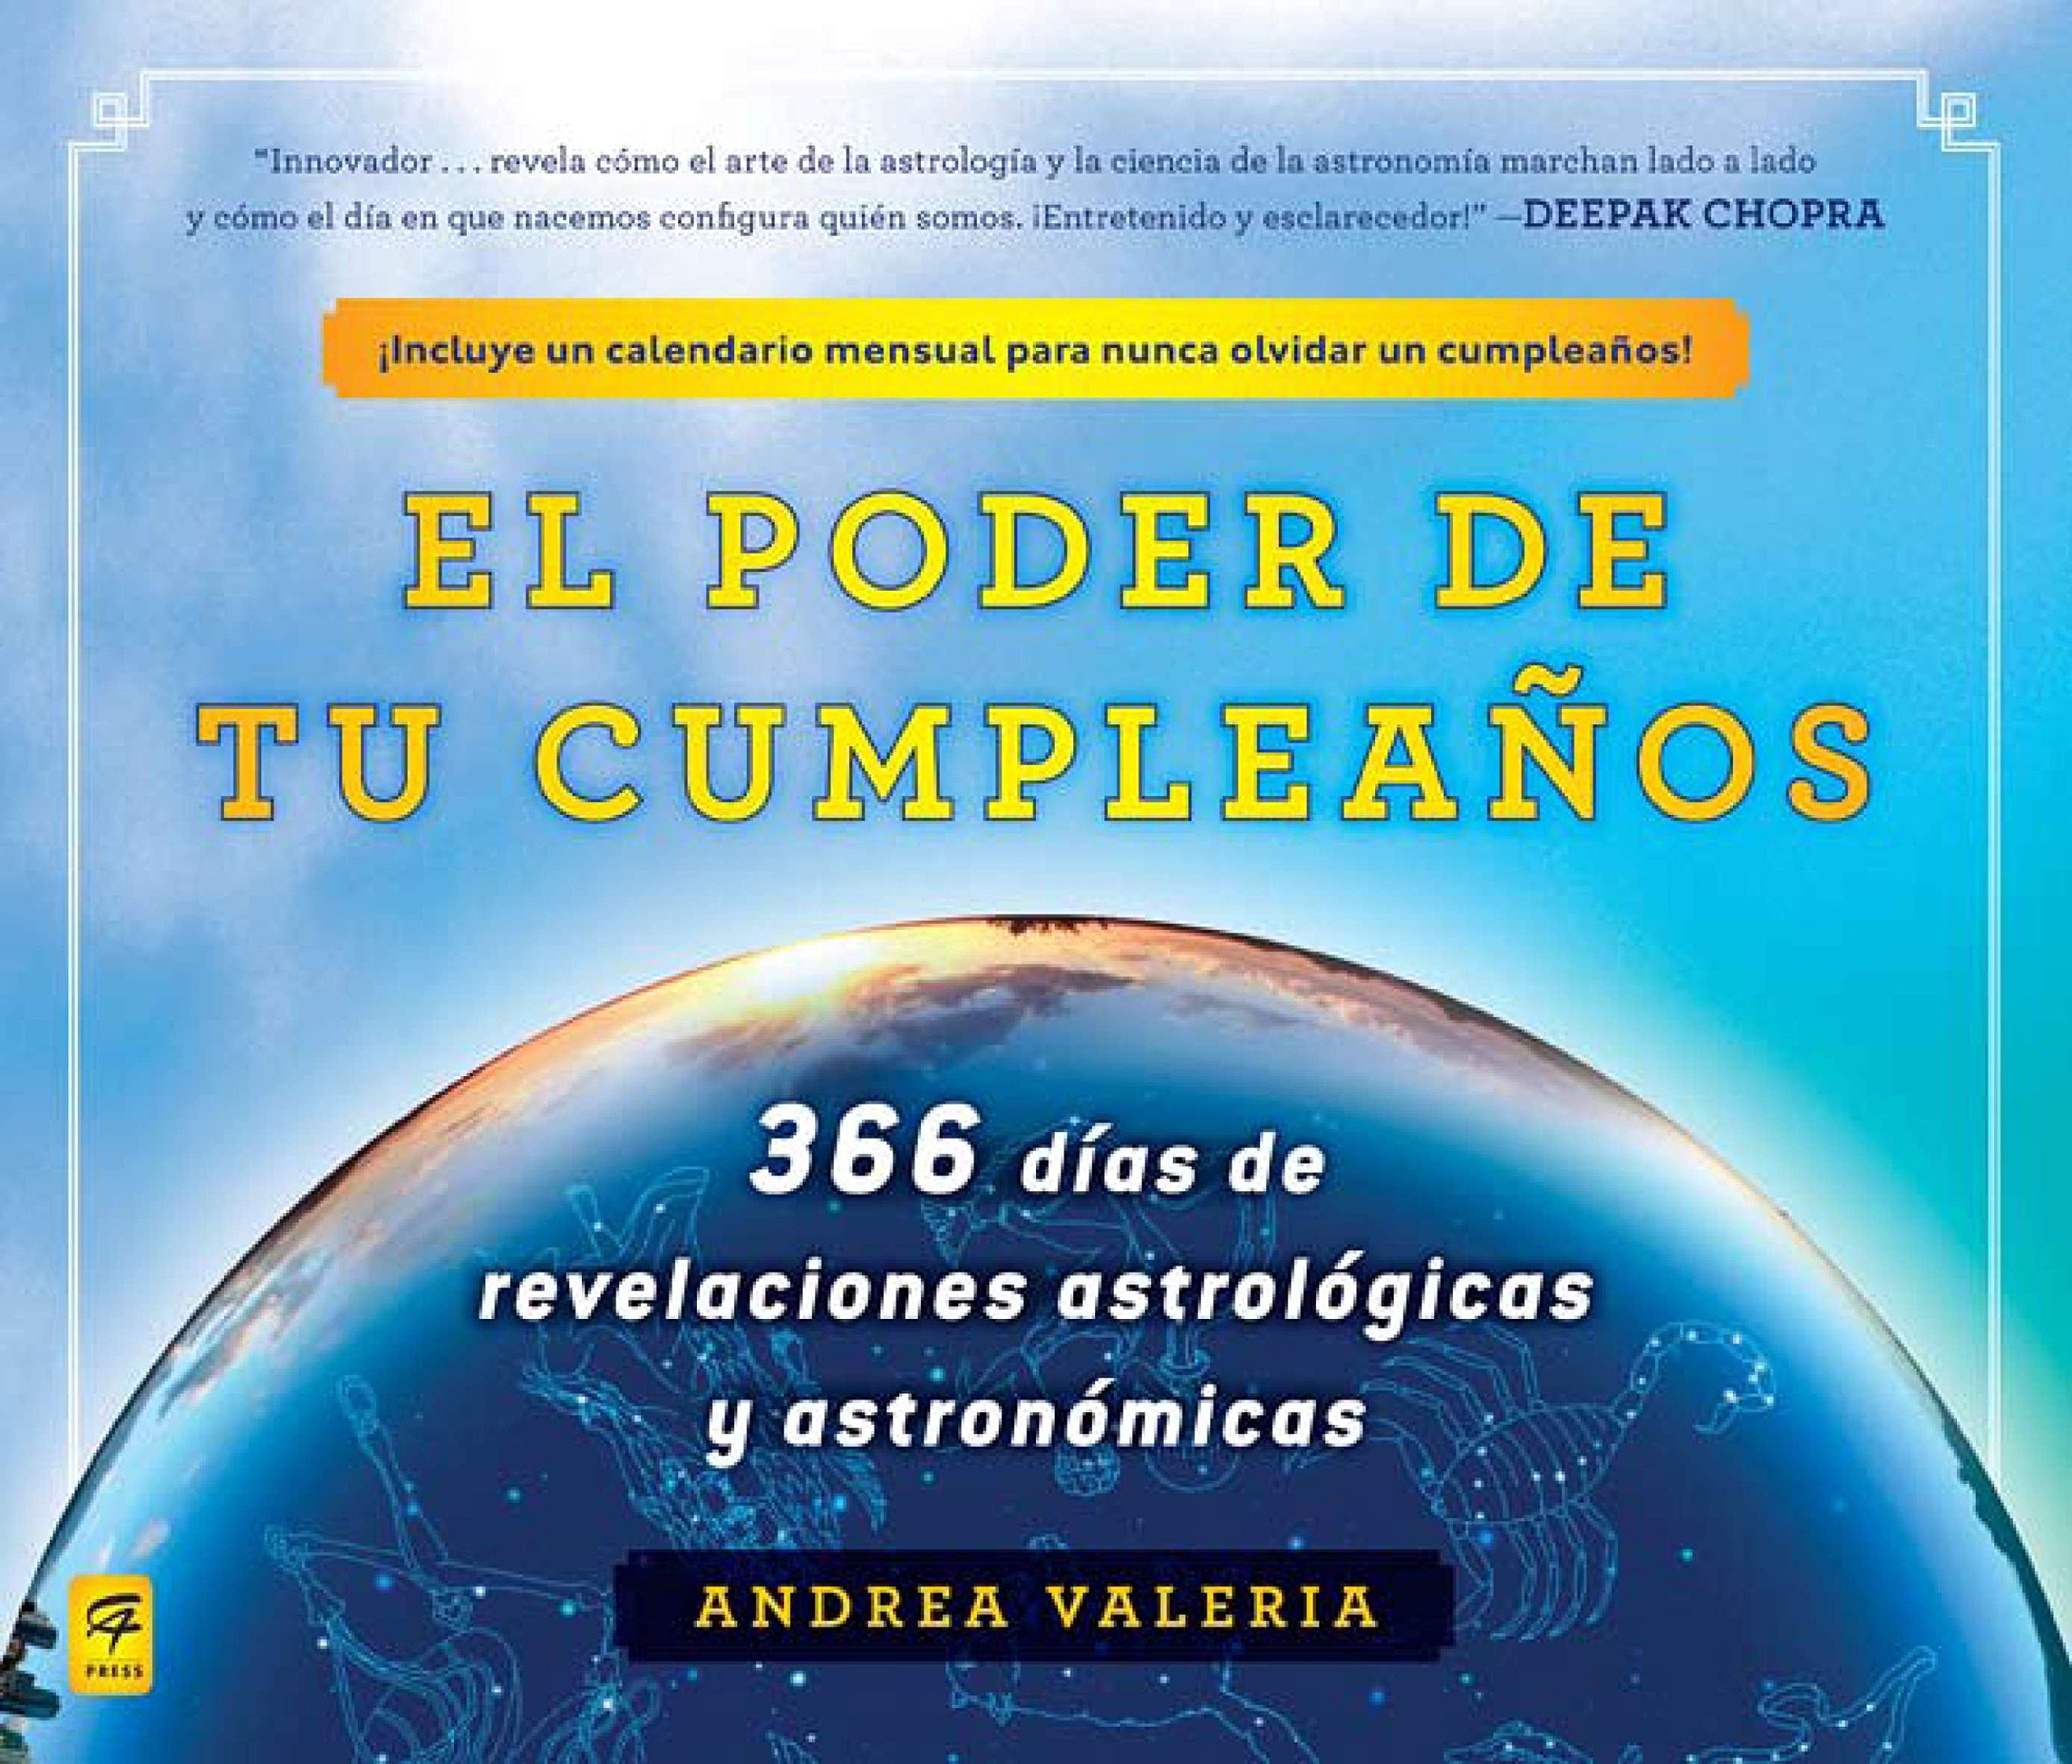 El poder de tu cumpleaños (The Power of Your Birthday): 366 dias de revelaciones astrologicas y astronomicas (366 Days of Astrological a nd Astronomical Revelations) (Spanish Edition) pdf